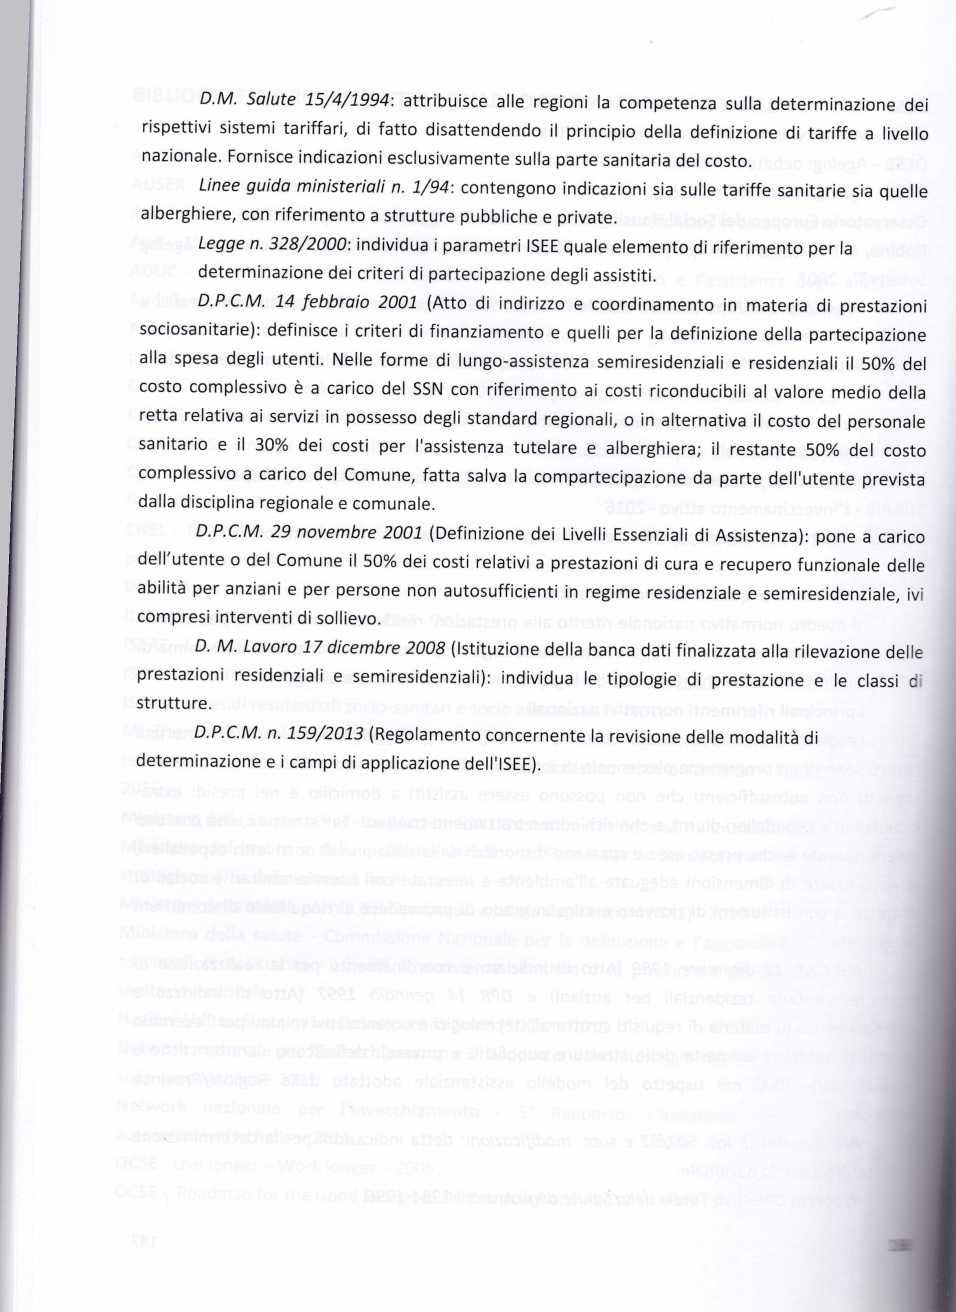 AUSER671